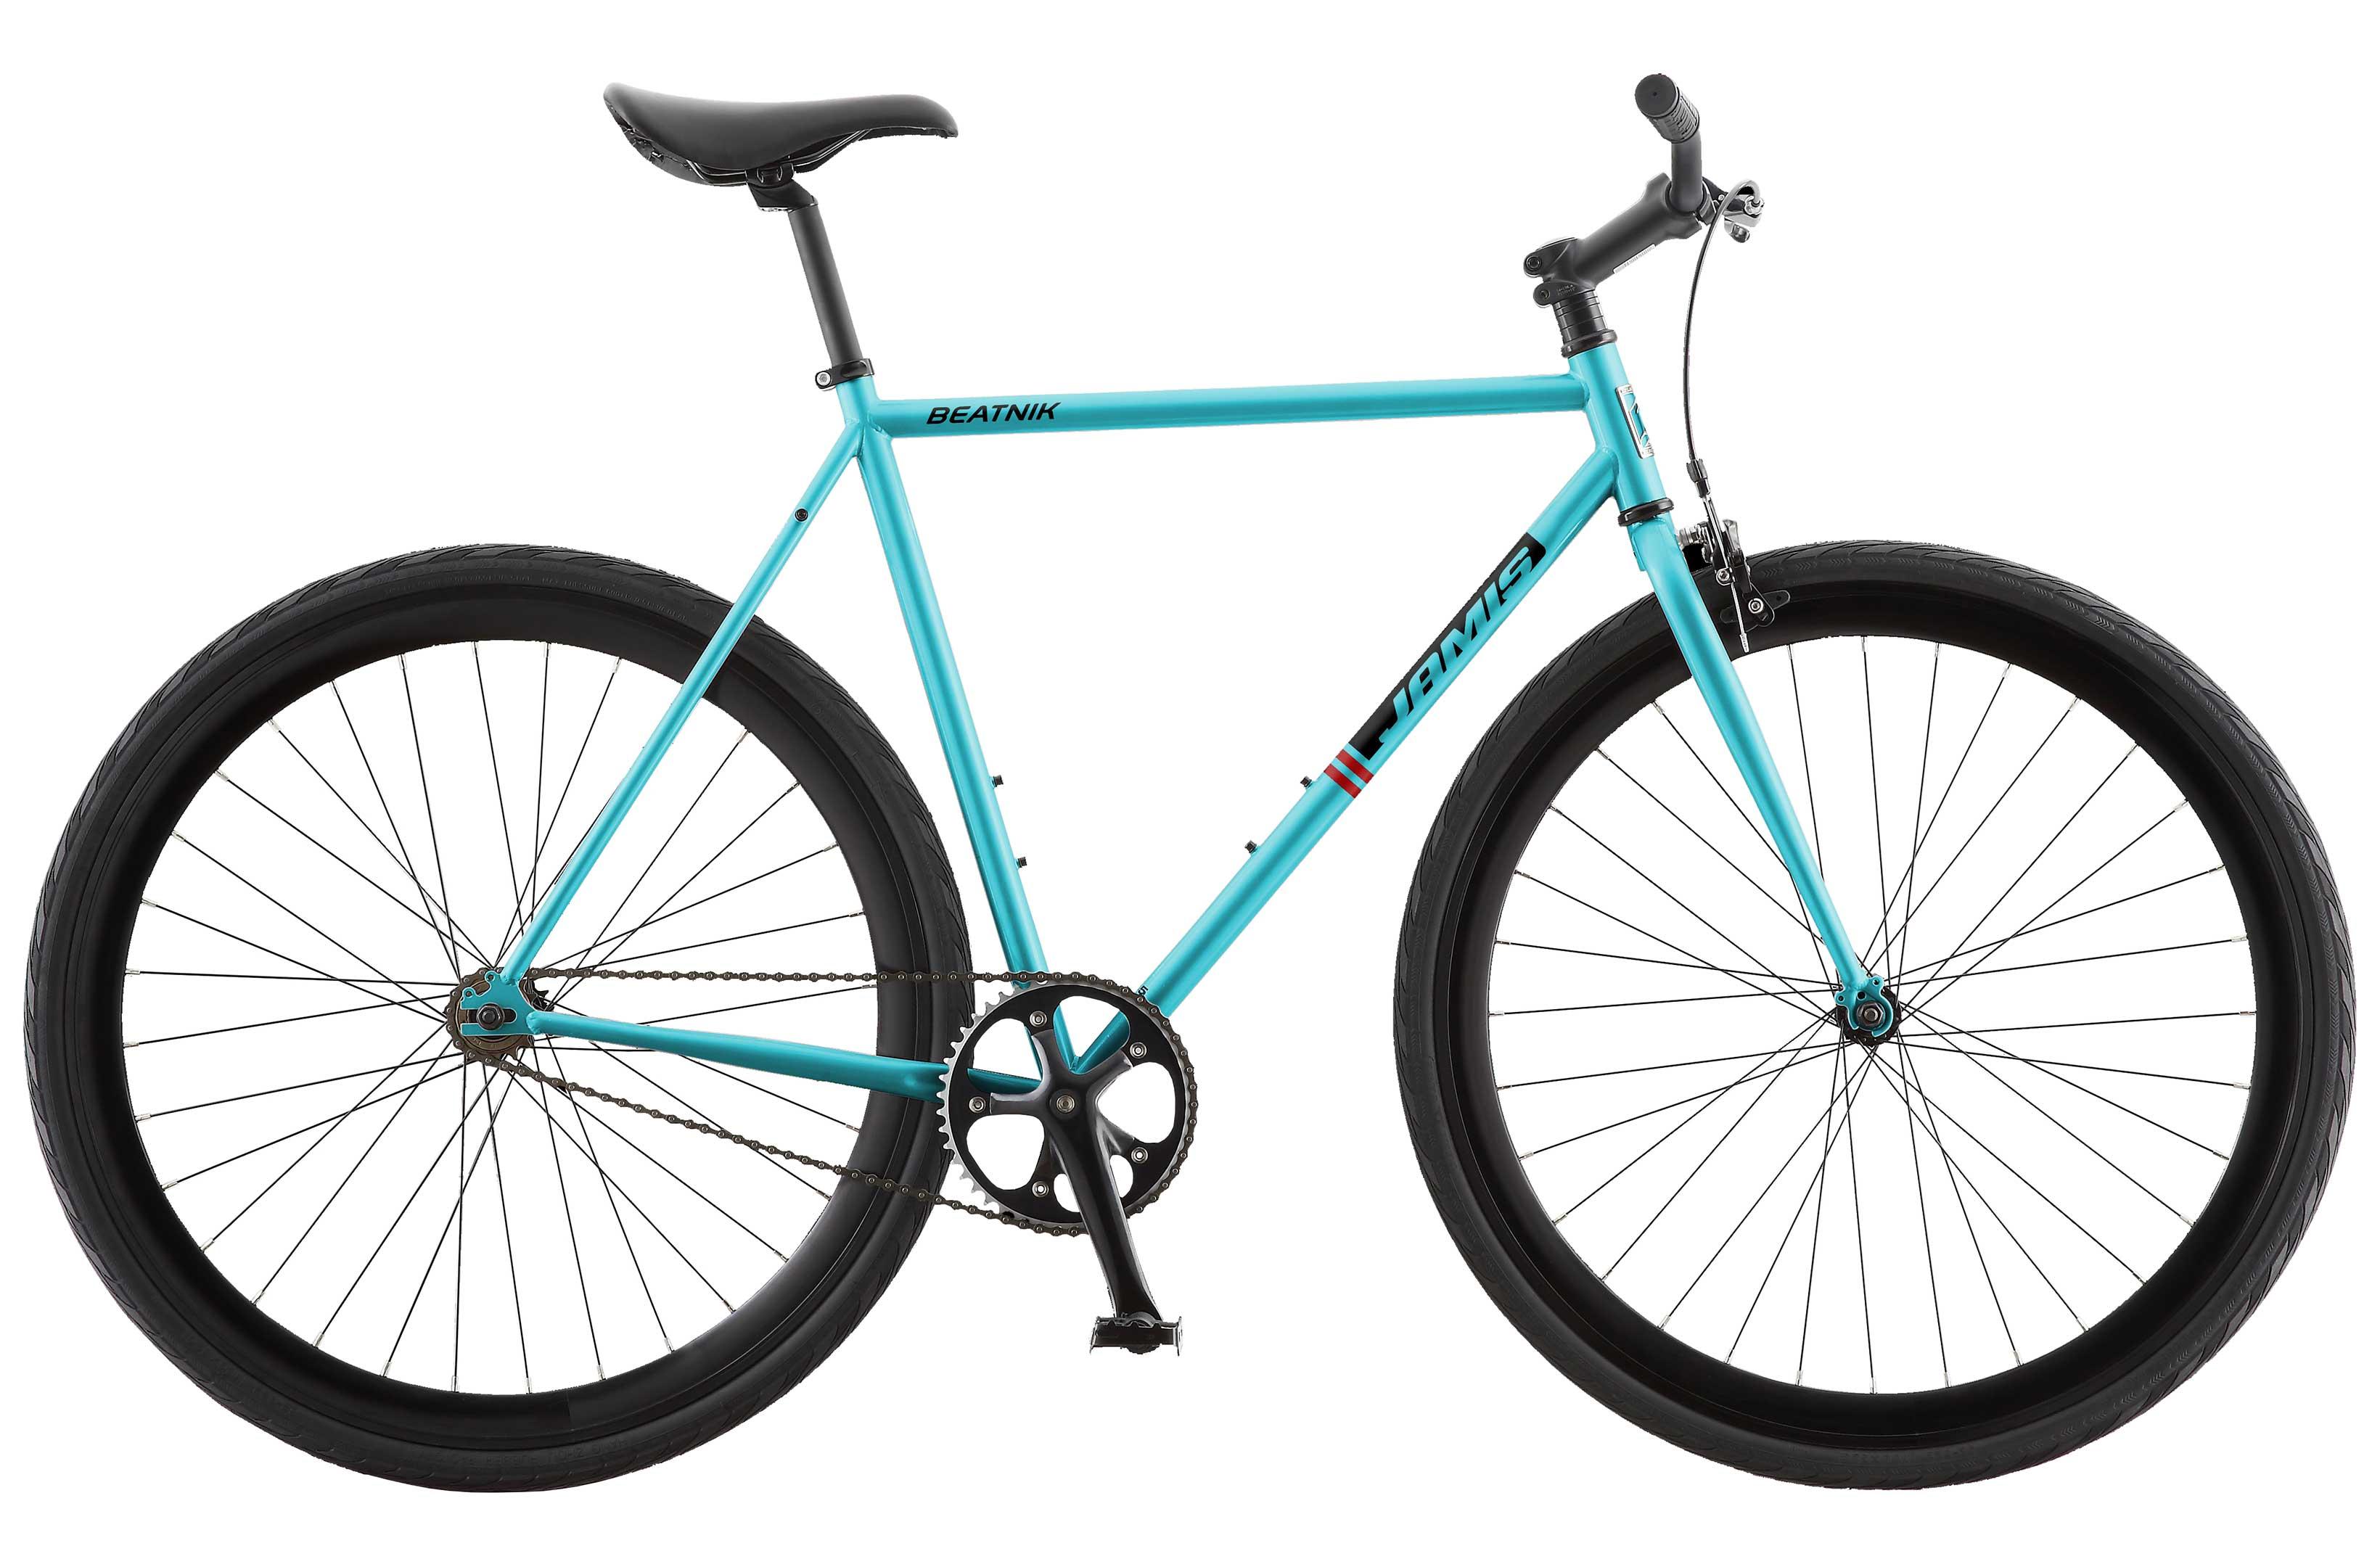 Jamis Beatnik 2019 Singlespeed Bike £236 at Evans Cycles